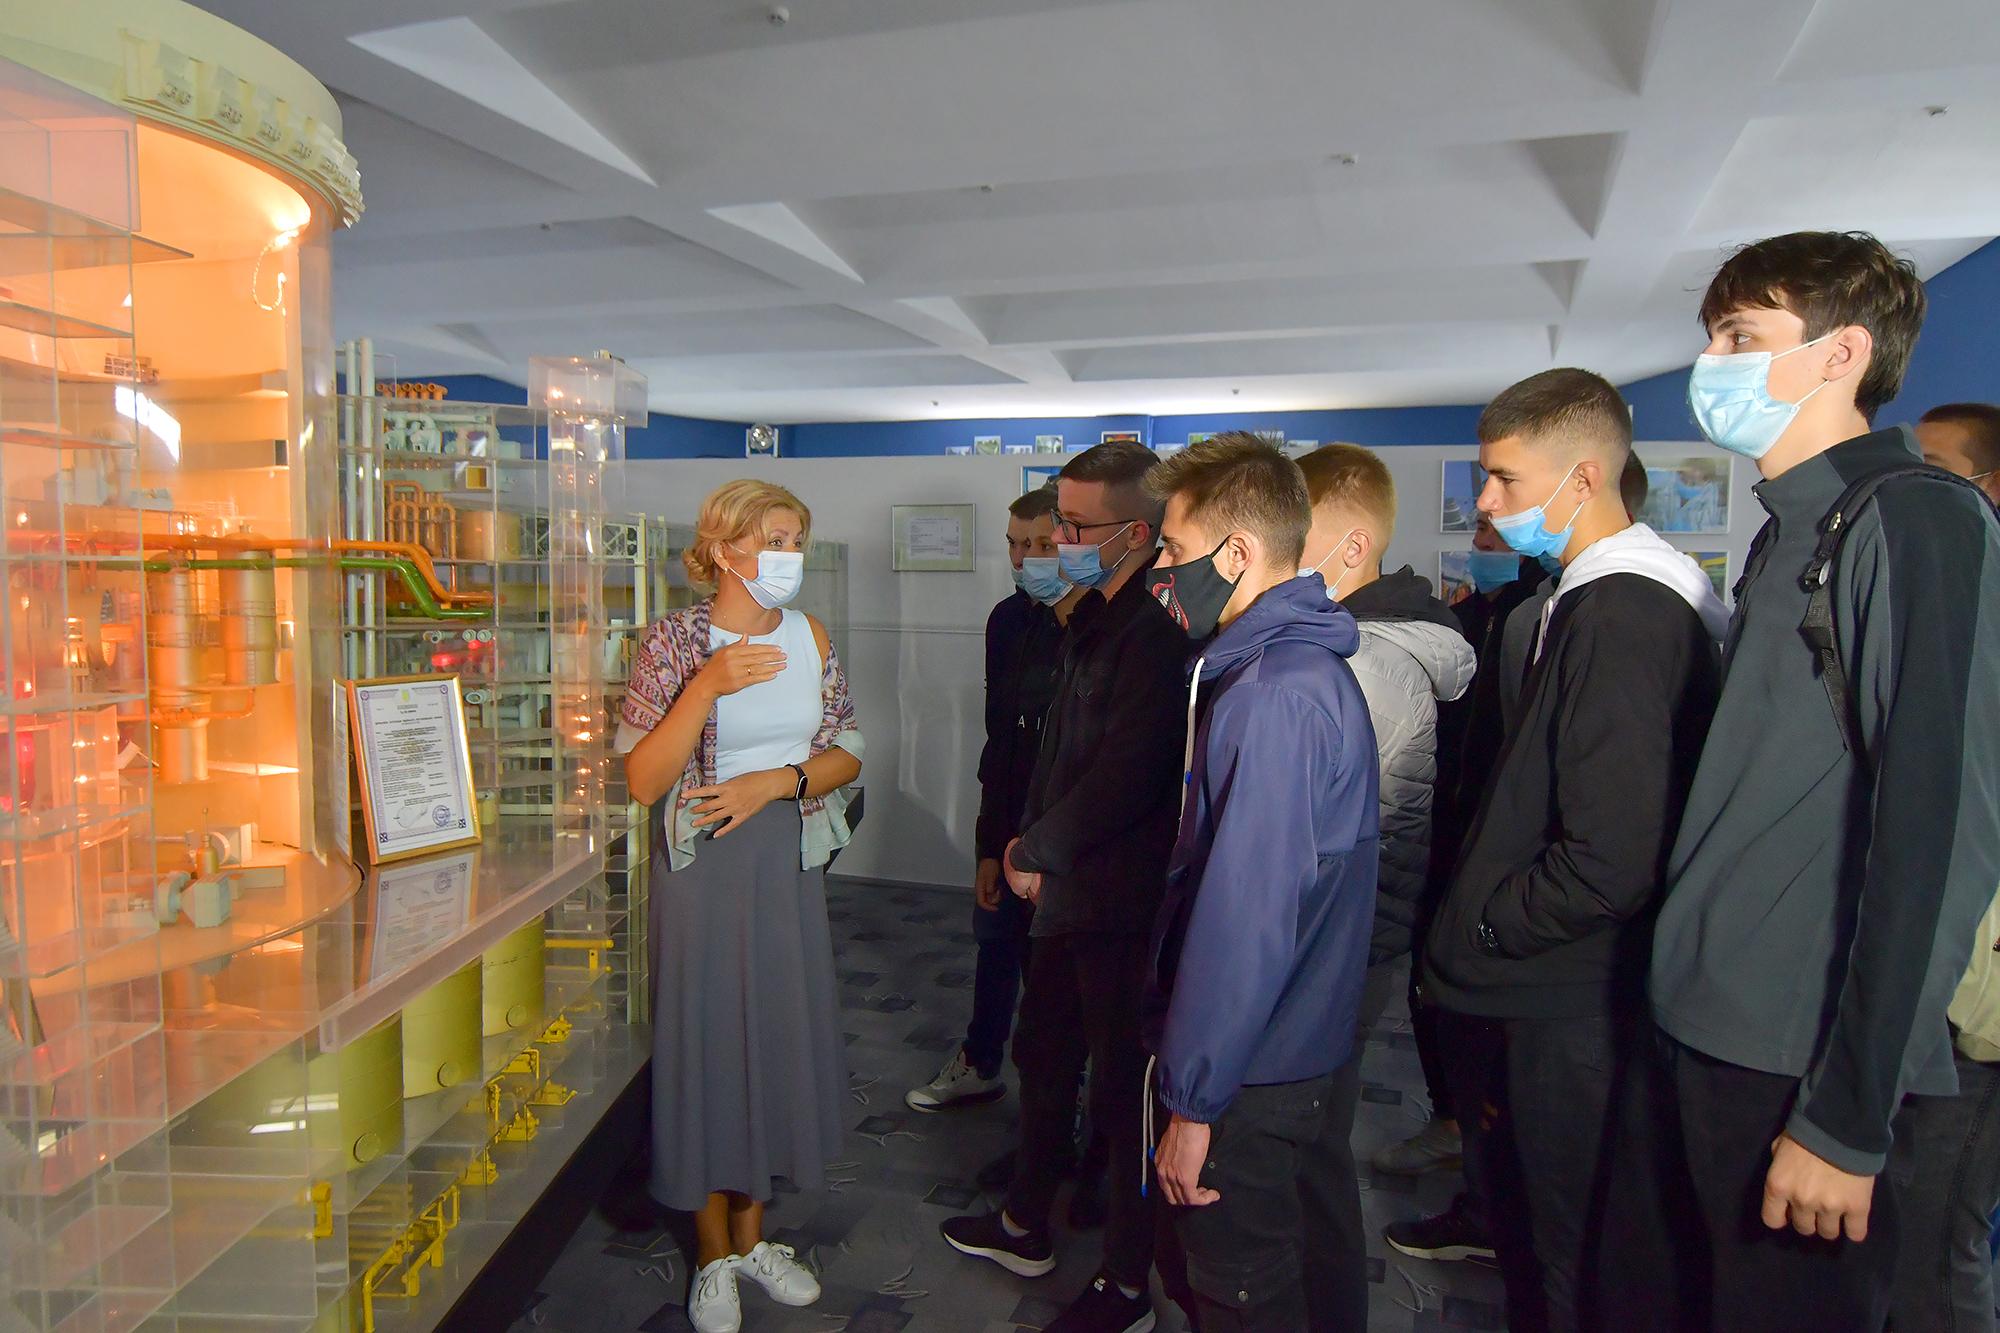 Ще 80 учнів приєдналися до ПТУ Рівненської АЕС